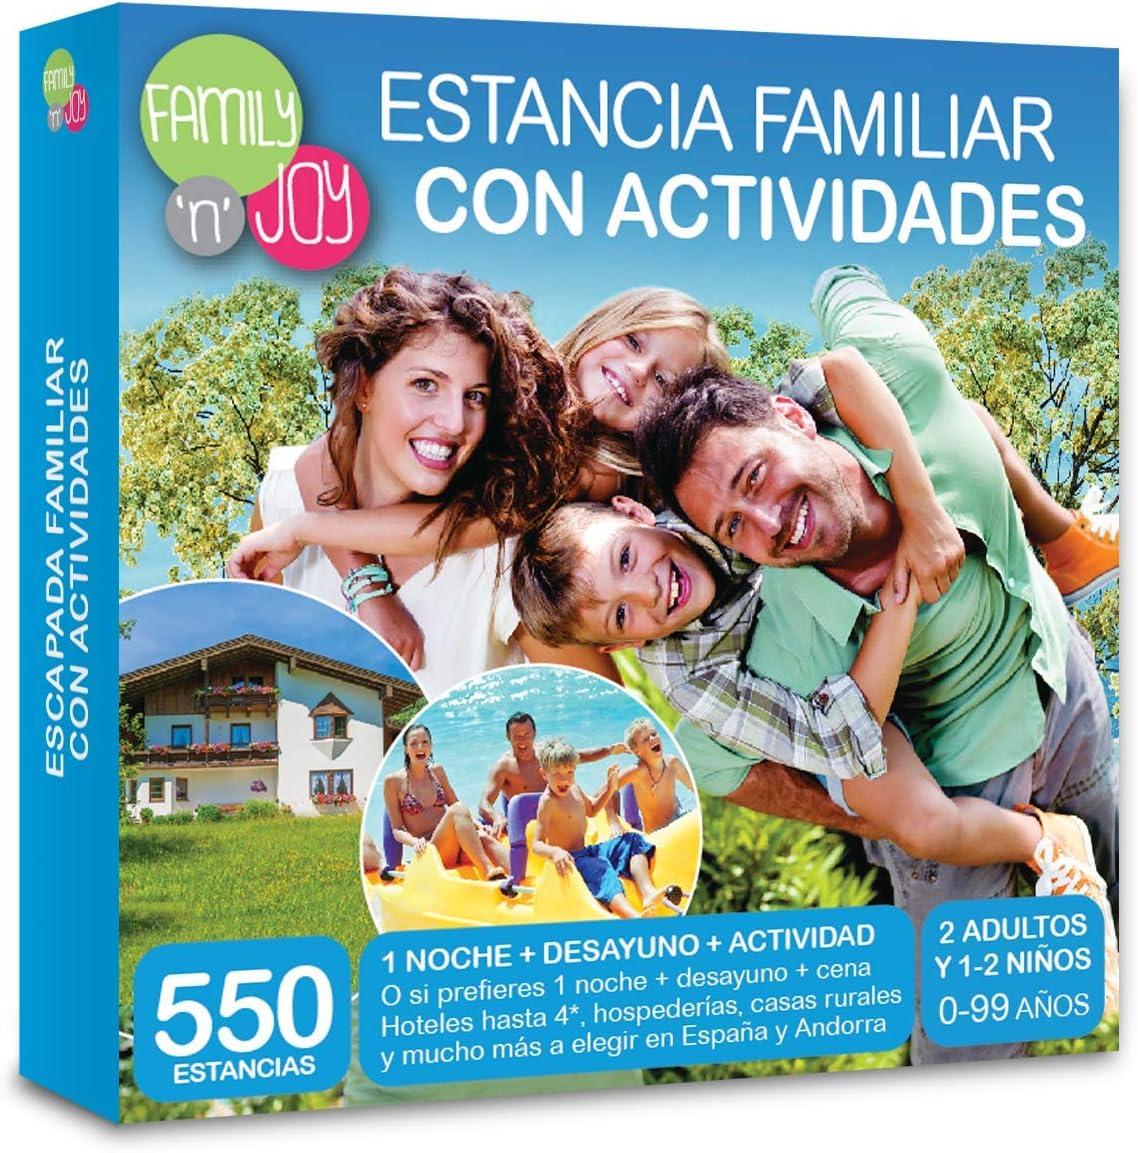 family n joy estancia familiar con actividades